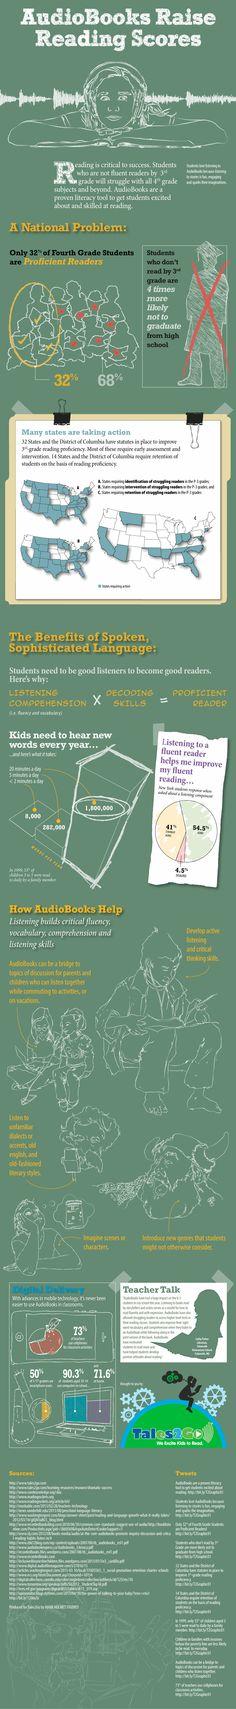 Trends | Infographic: Audiobooks Raise Reading Scores Inviatiamo a leggere i dati e le interessanti ricerche a riguardo proposte nel libro LETTURA+ASCOLTO Come migliorare l'apprendimento linguistico, emotivo ed empatico con gli audiolibri di Maurizio Falghera  http://www.ilnarratore.com/prodotti/idx/1979/Maurizio-Falghera---LetturaAscolto-Come-migliorare-lapprendimento-linguistico-emotivo-ed-empatico-con-gli-audiolibri.html